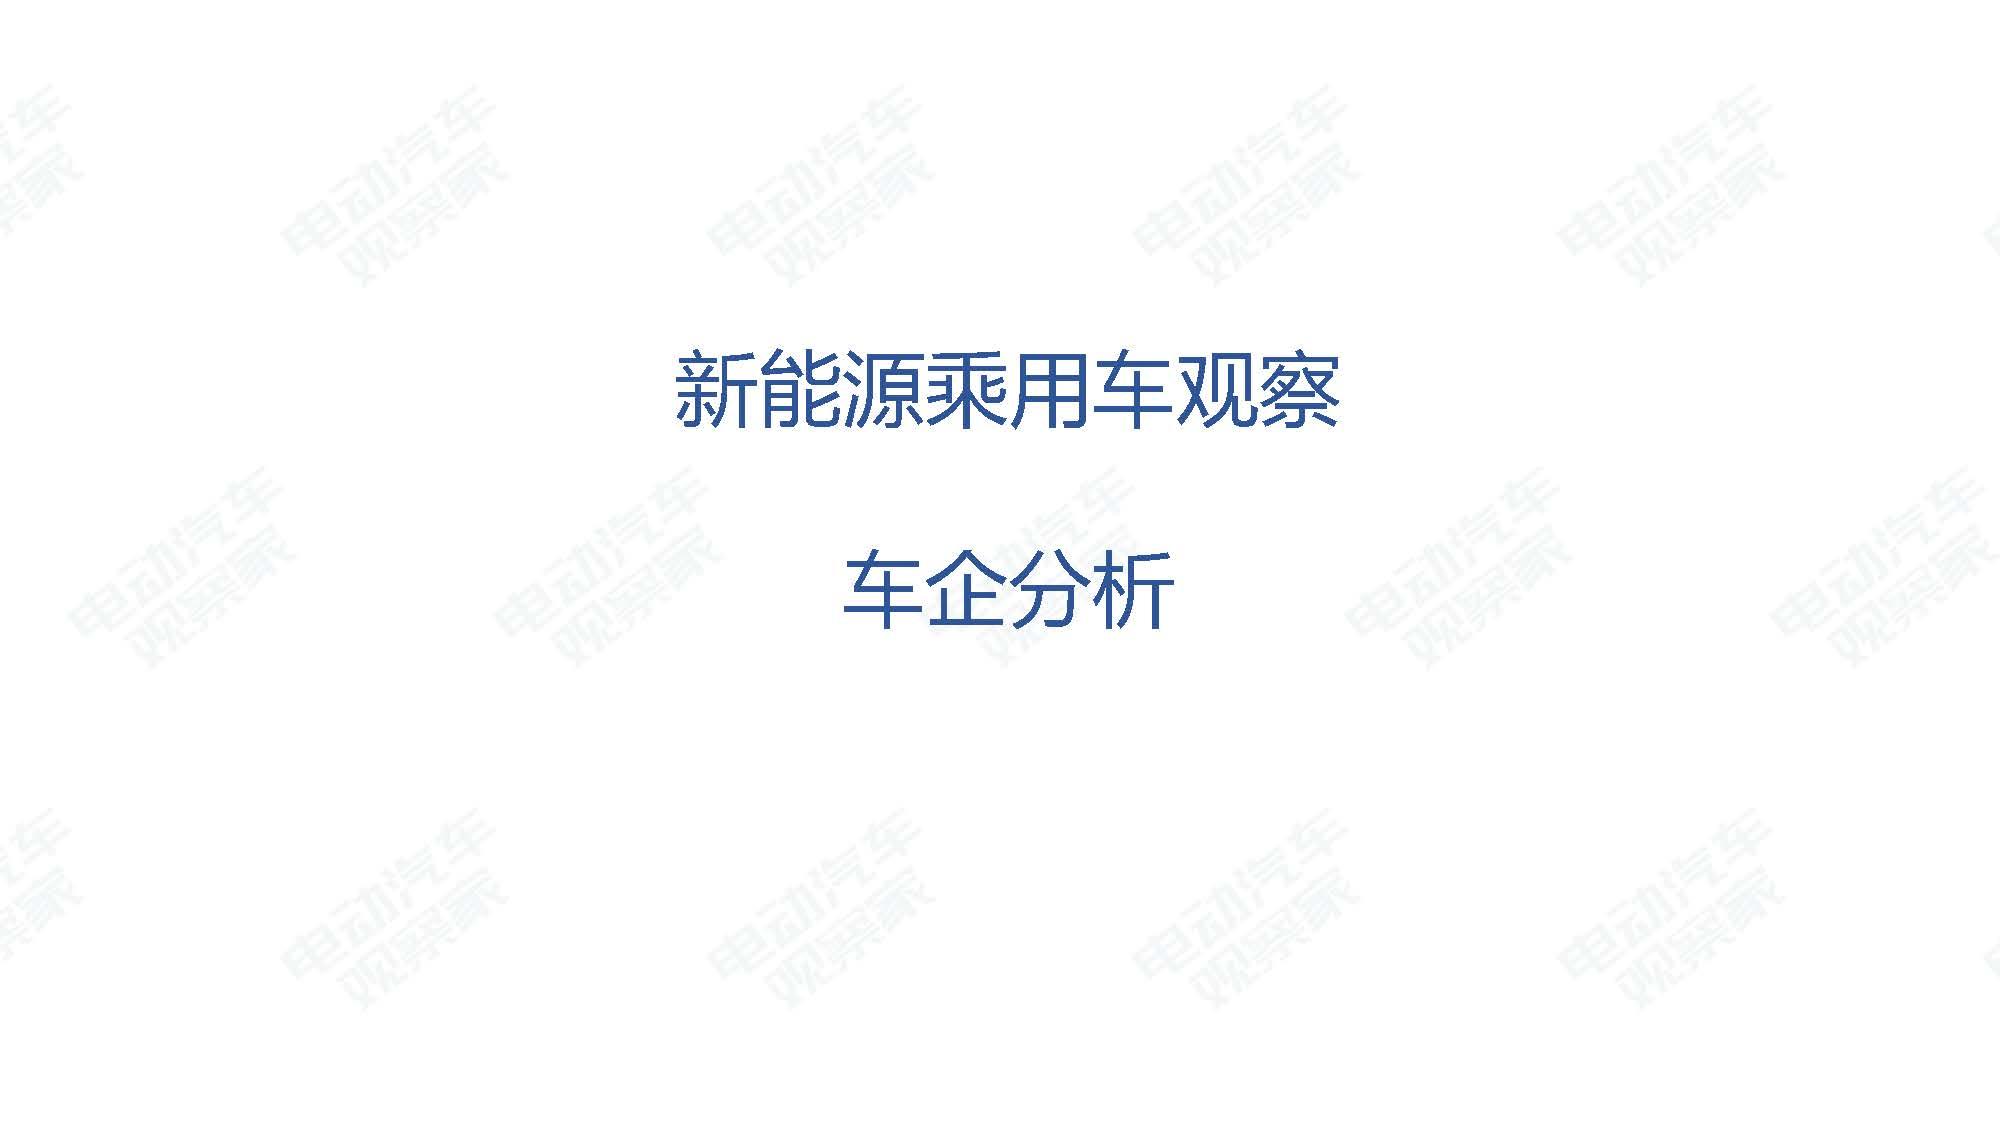 2019年11月中国新能源汽车产业观察_页面_008